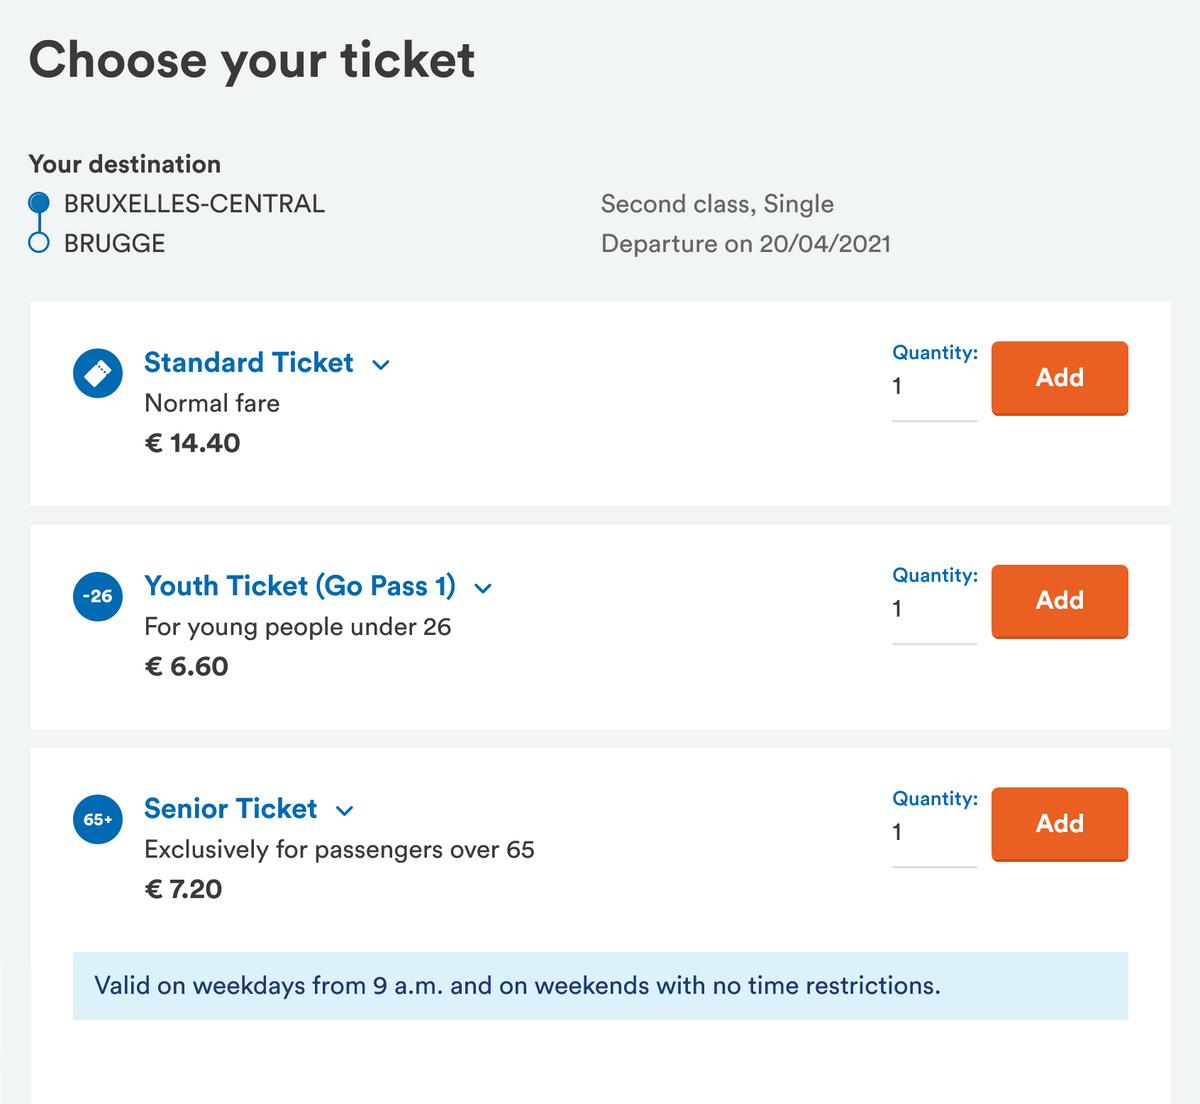 Длядетей, молодежи и пожилых людей билеты на поезда в два — два с половиной раза дешевле. А в выходные они вдвое дешевле абсолютно длявсех. Источник: официальный сайт Belgian train